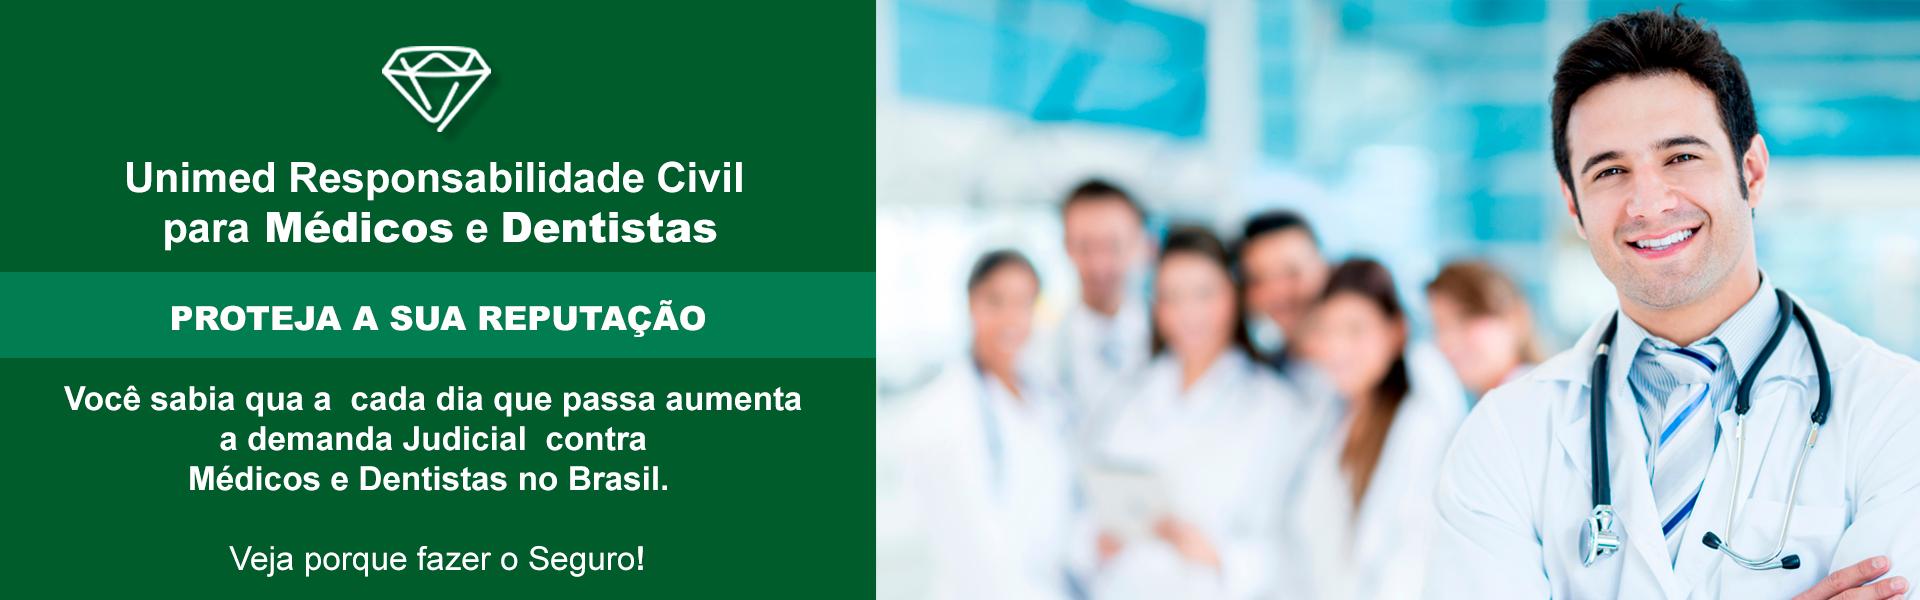 Responsabilidade Civil para Médicos e Dentistas - Clique Aqui!